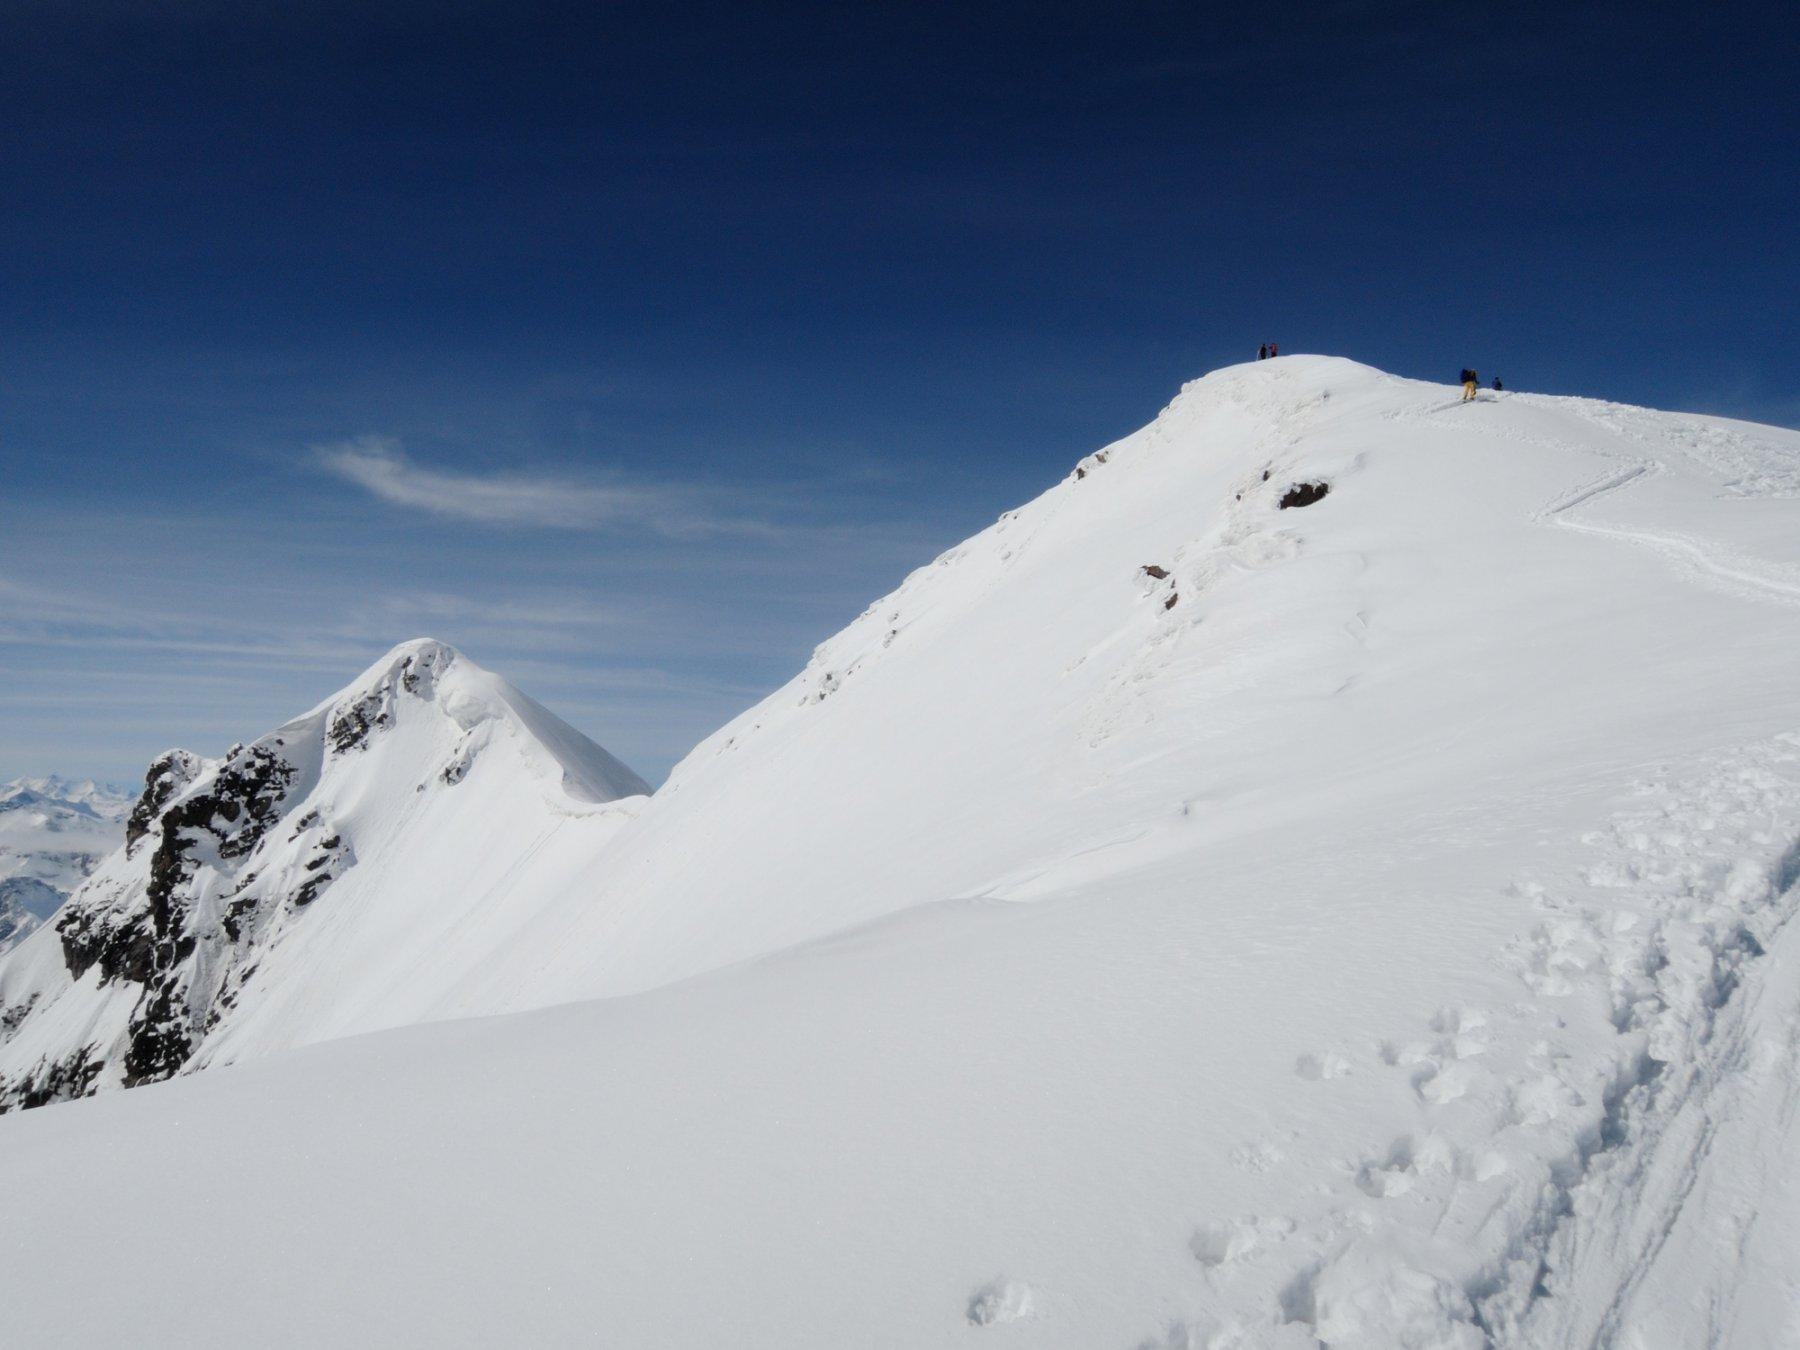 La cima con gli ultimi metri percorsi in cresta